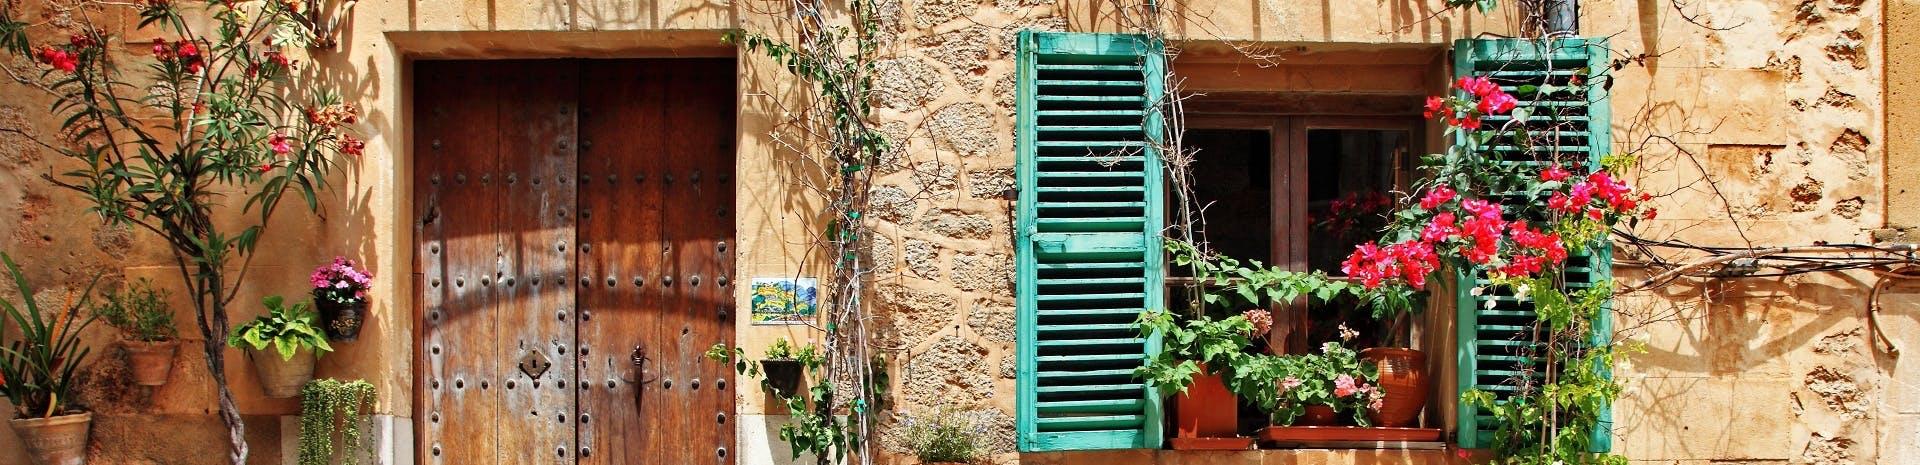 Picture of Algeciras